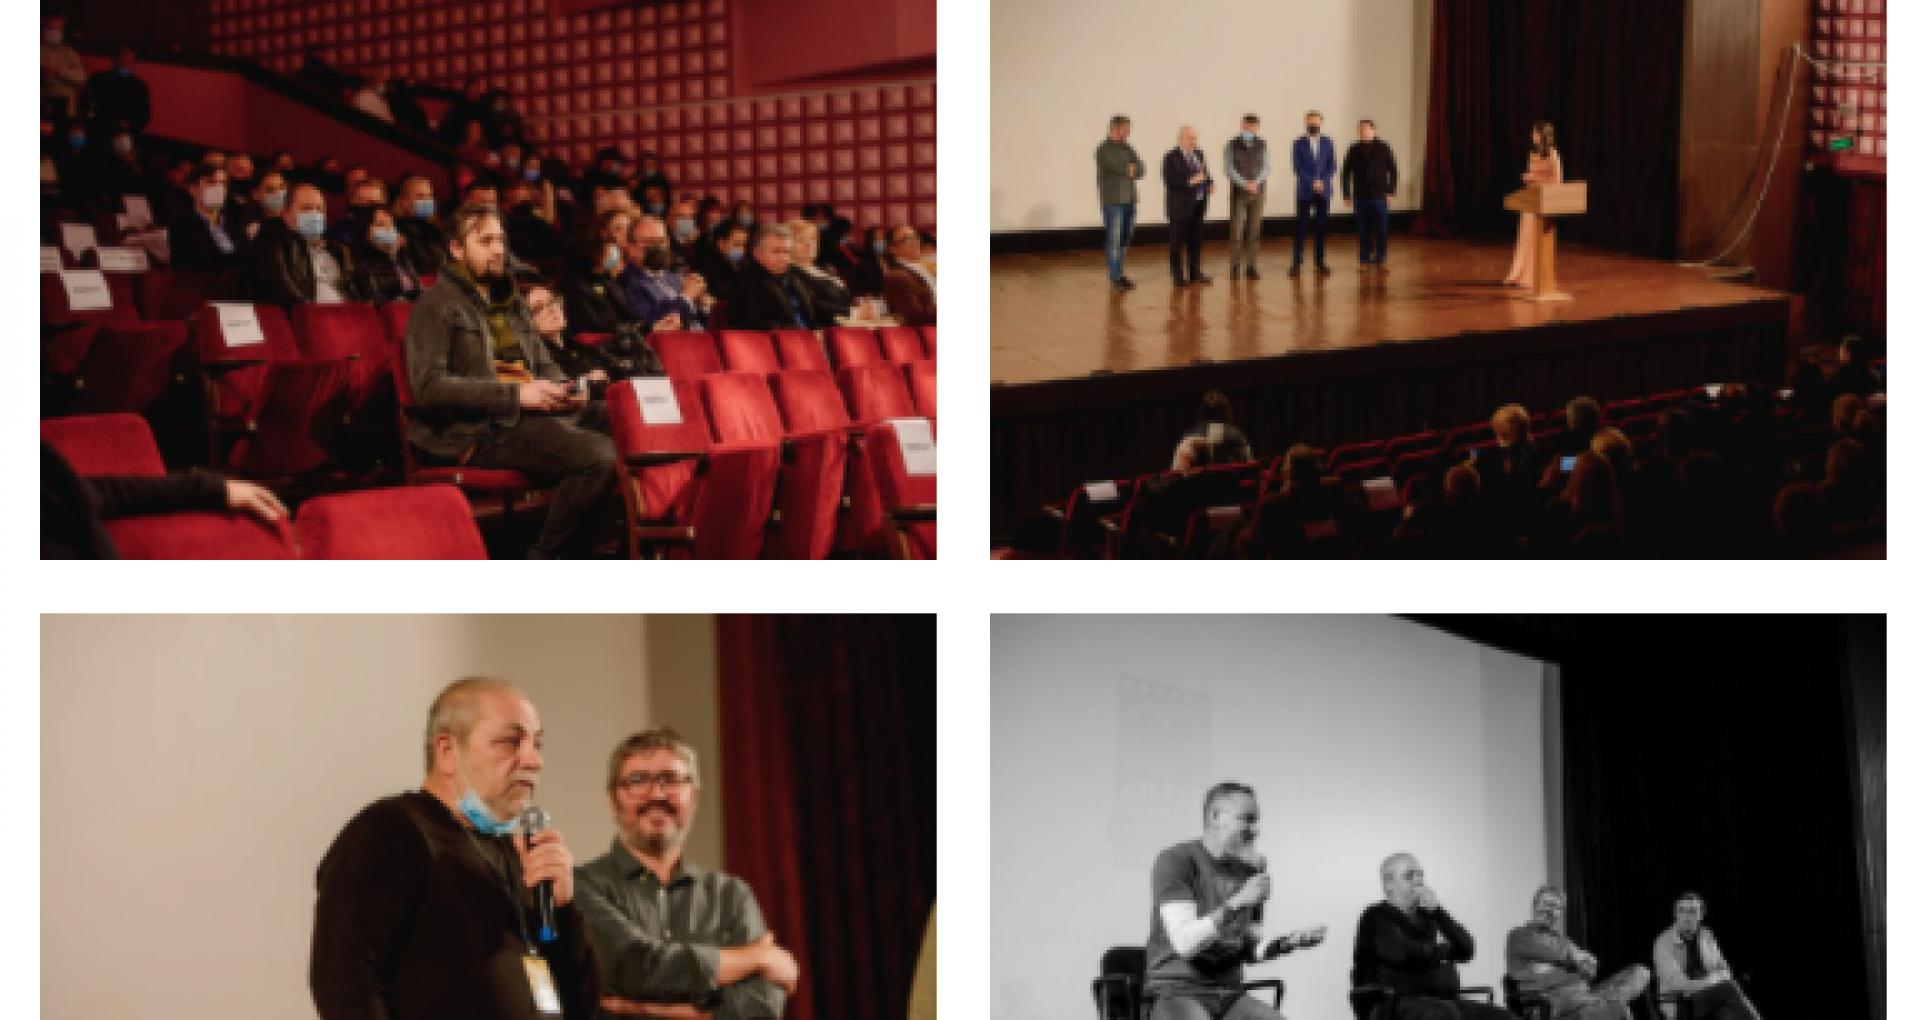 GALERIE FOTO/ S-a încheiat o nouă ediţie de succes a Zilelor Filmului Românesc la Chişinău